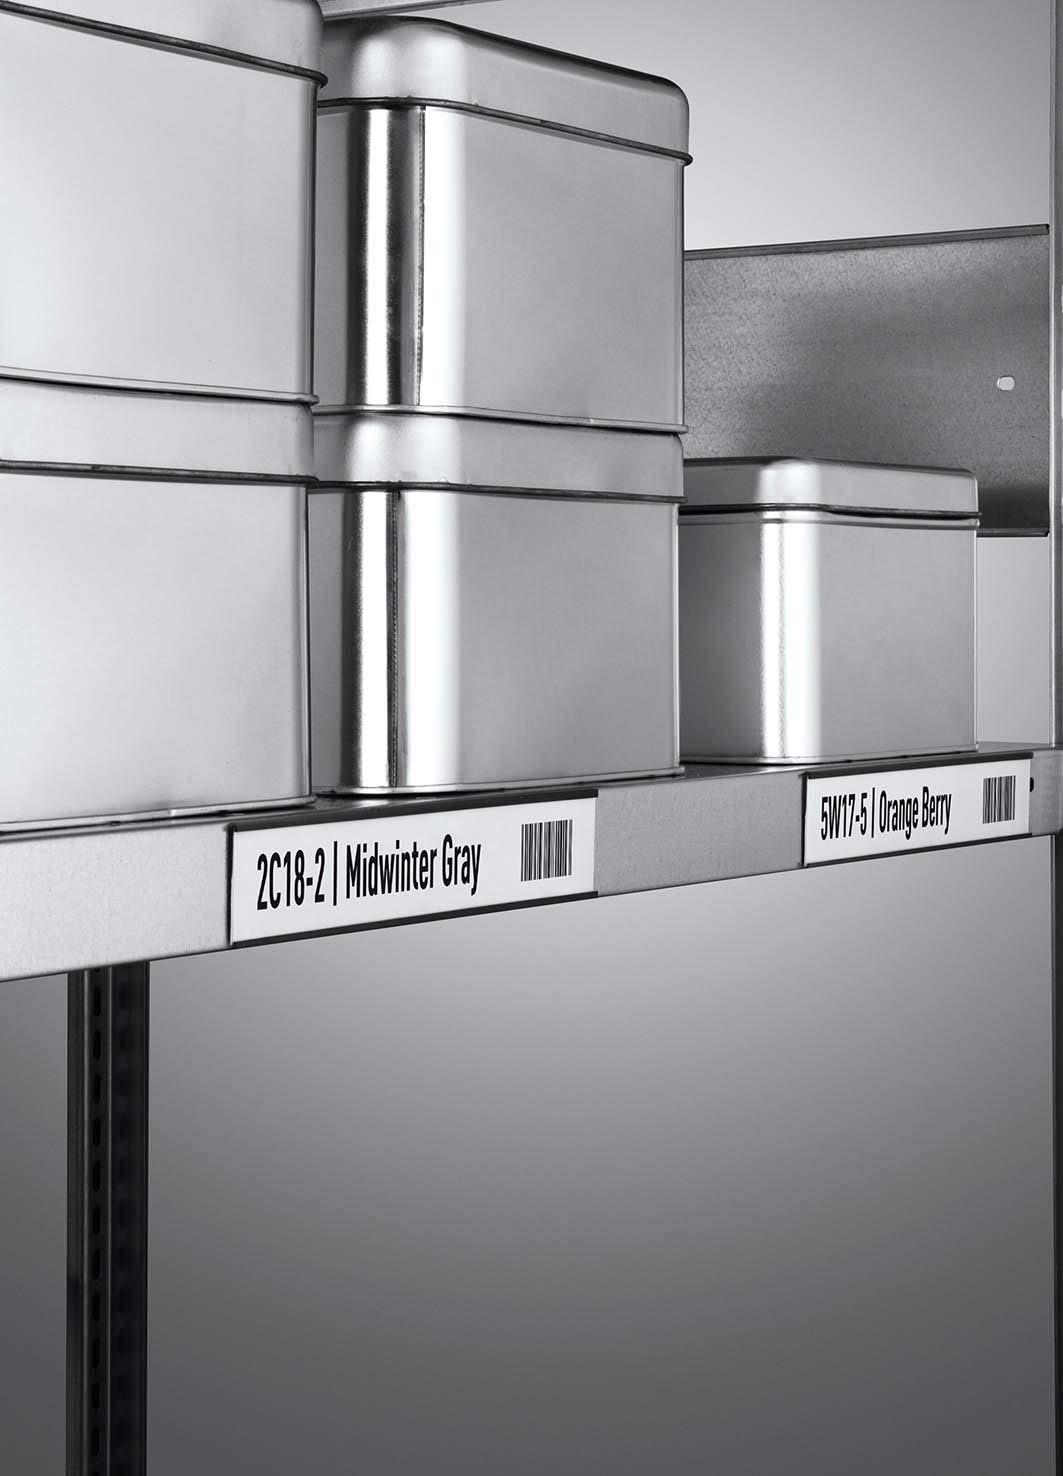 Carbone 200x40 mm Ritagliabile Confezione da 5 Pezzi Durable 171258 C-Profile Porta Etichetta Magnetico